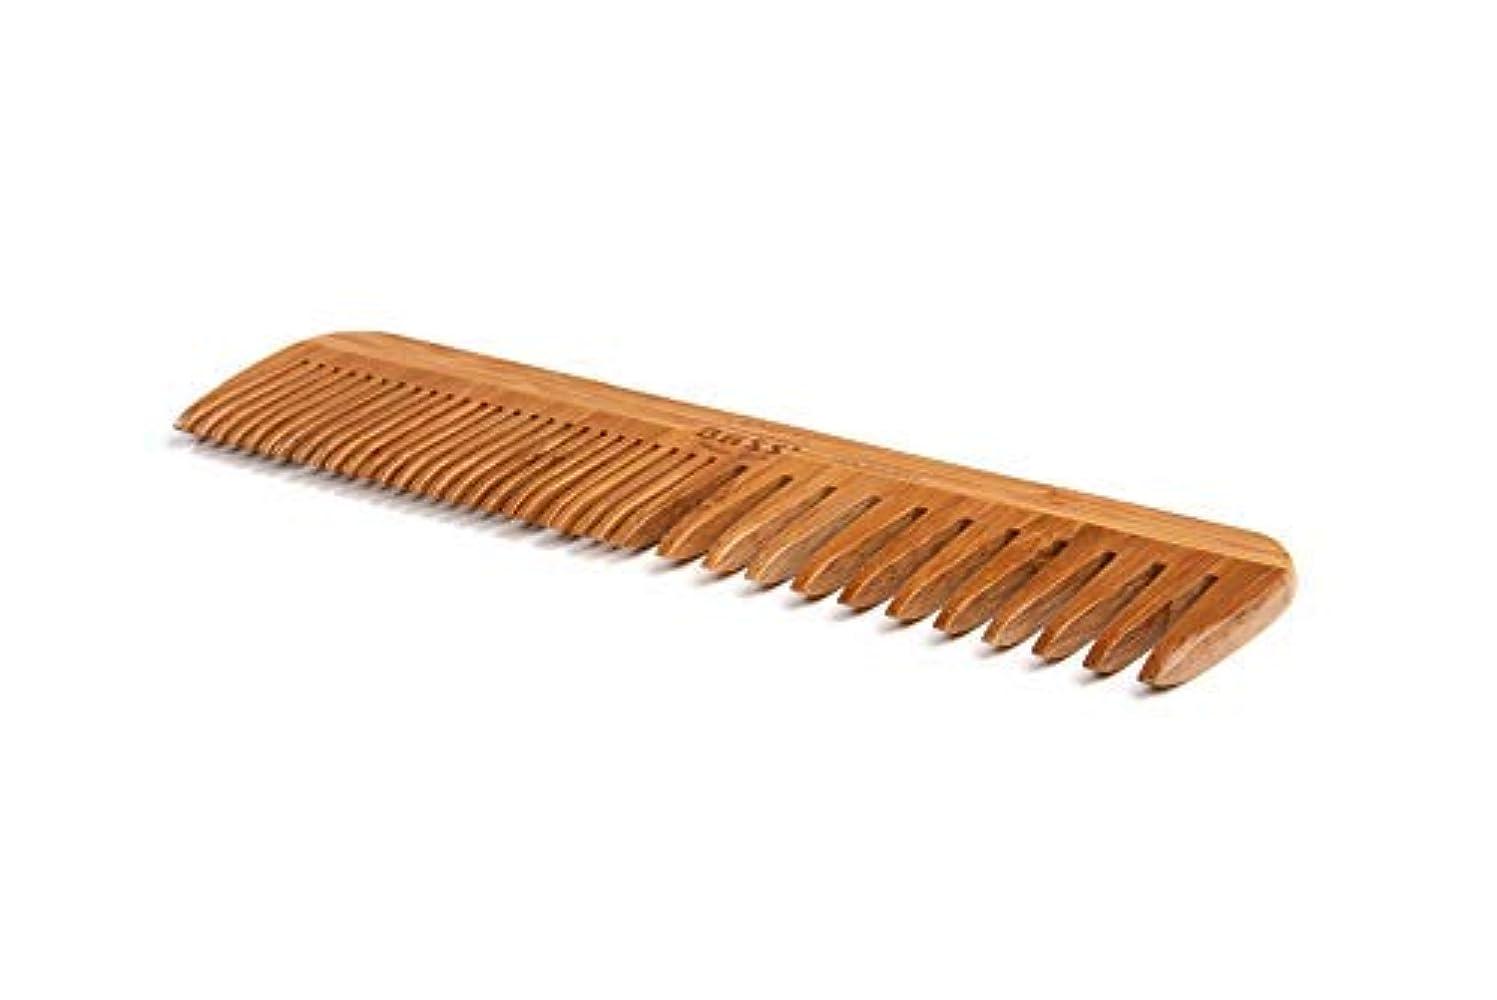 鬼ごっこ放射能修正するBass Brushes | Grooming Comb | Premium Bamboo Teeth and Handle | Wide Tooth/Fine Tooth Combination | Dark Finish...